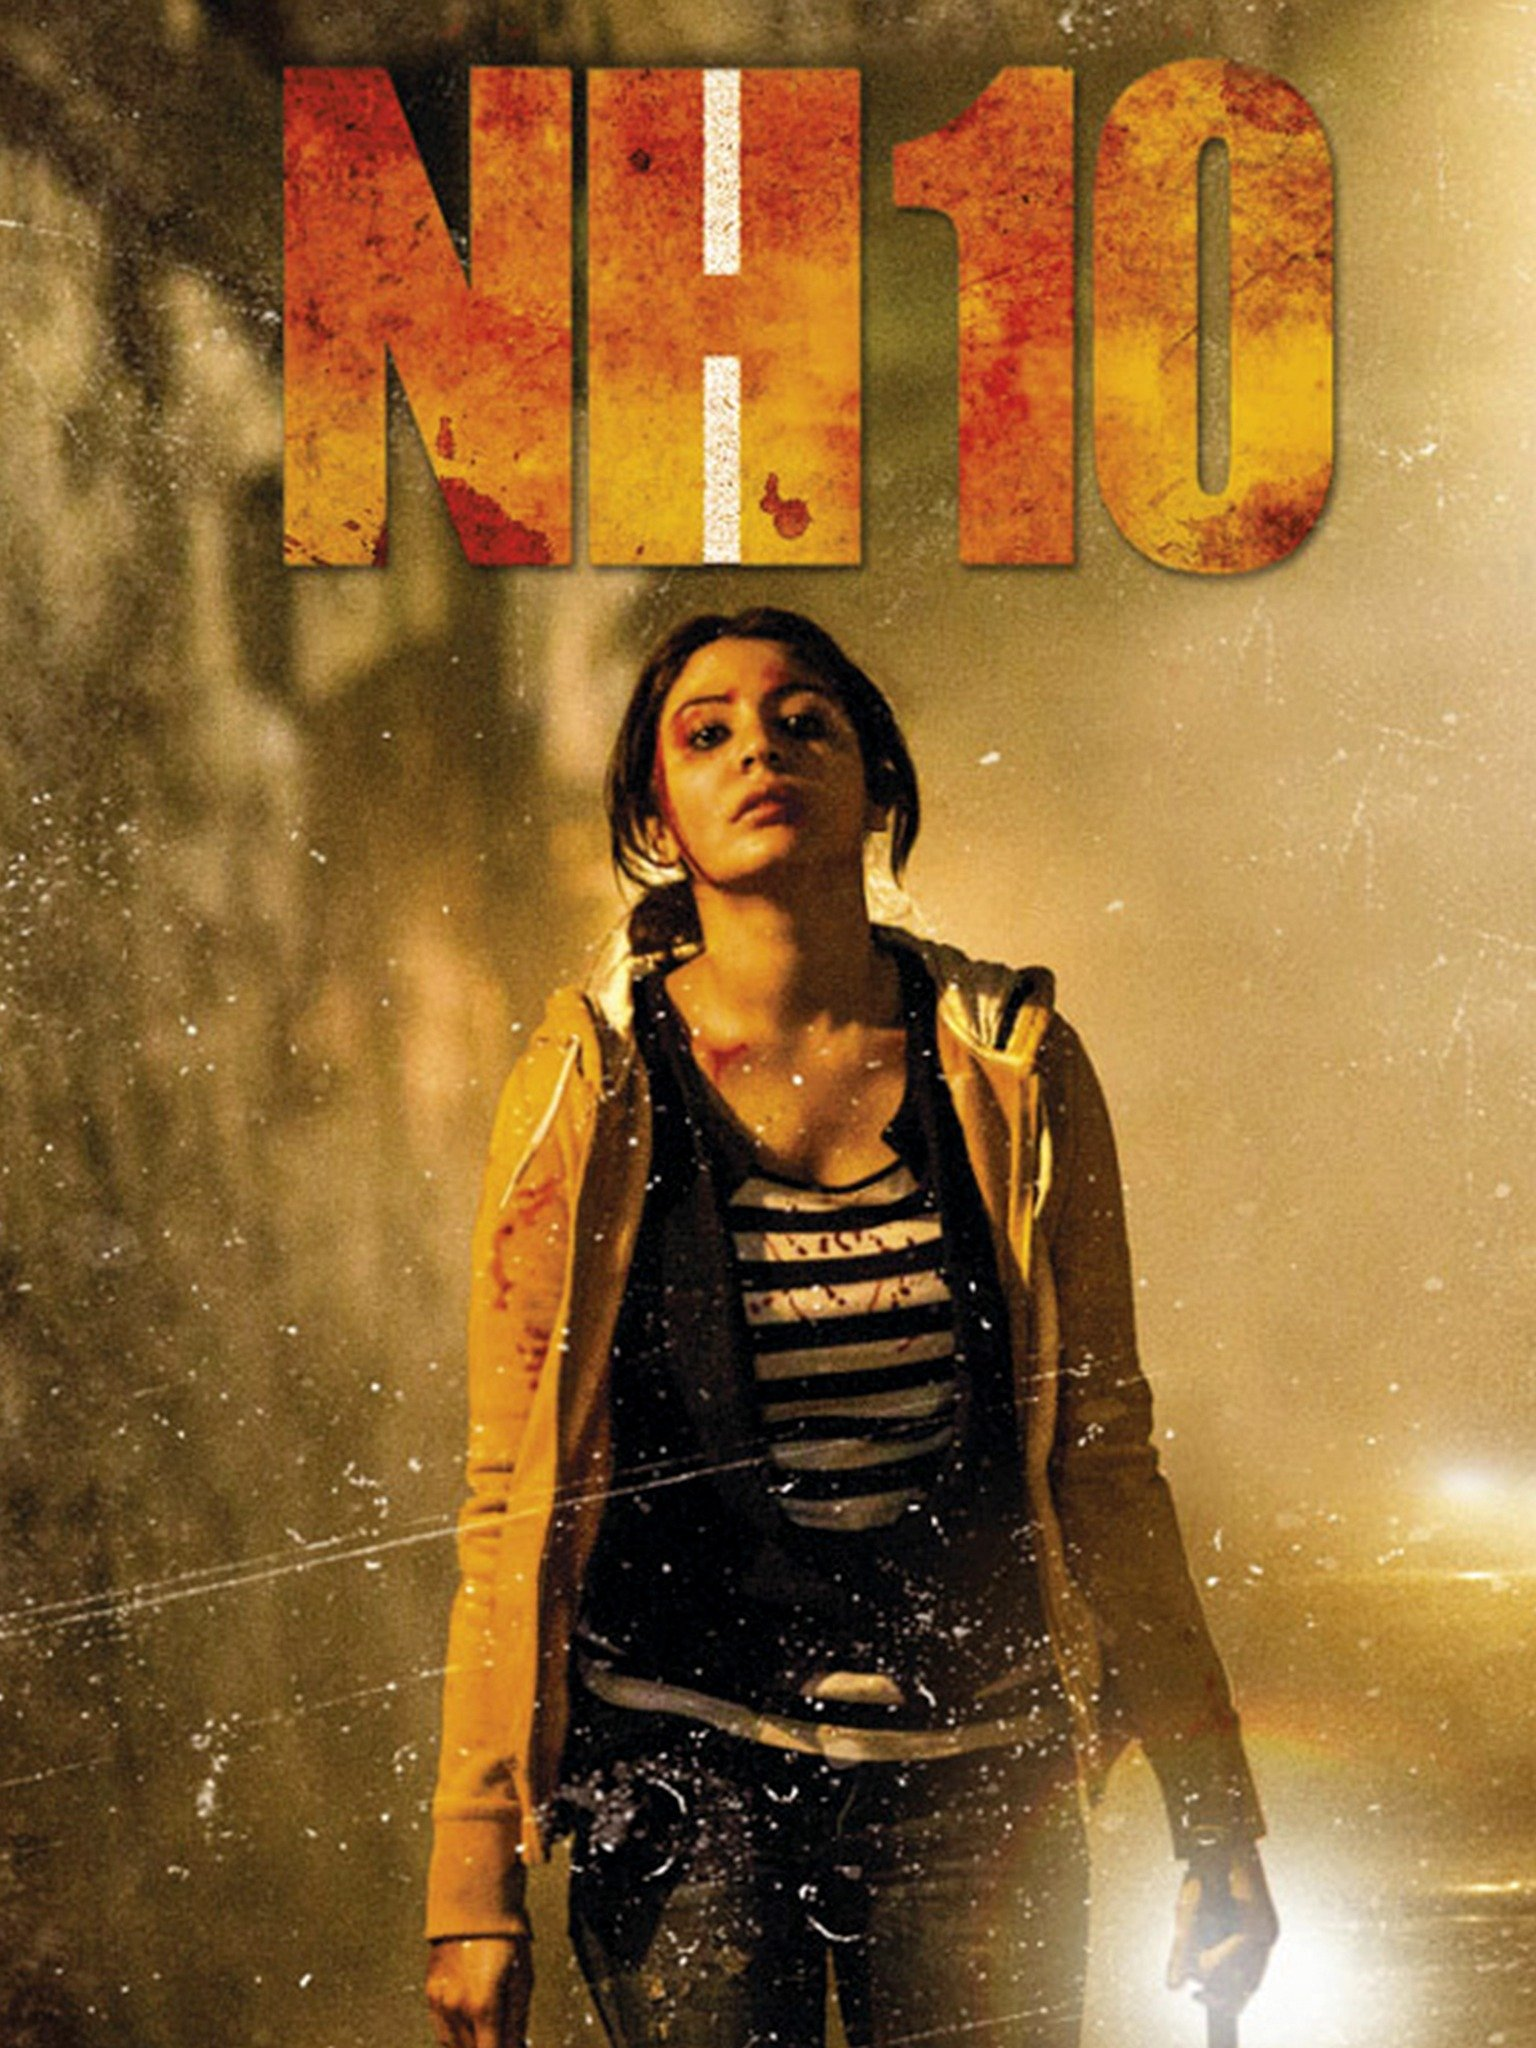 nh10 (N.H 10)